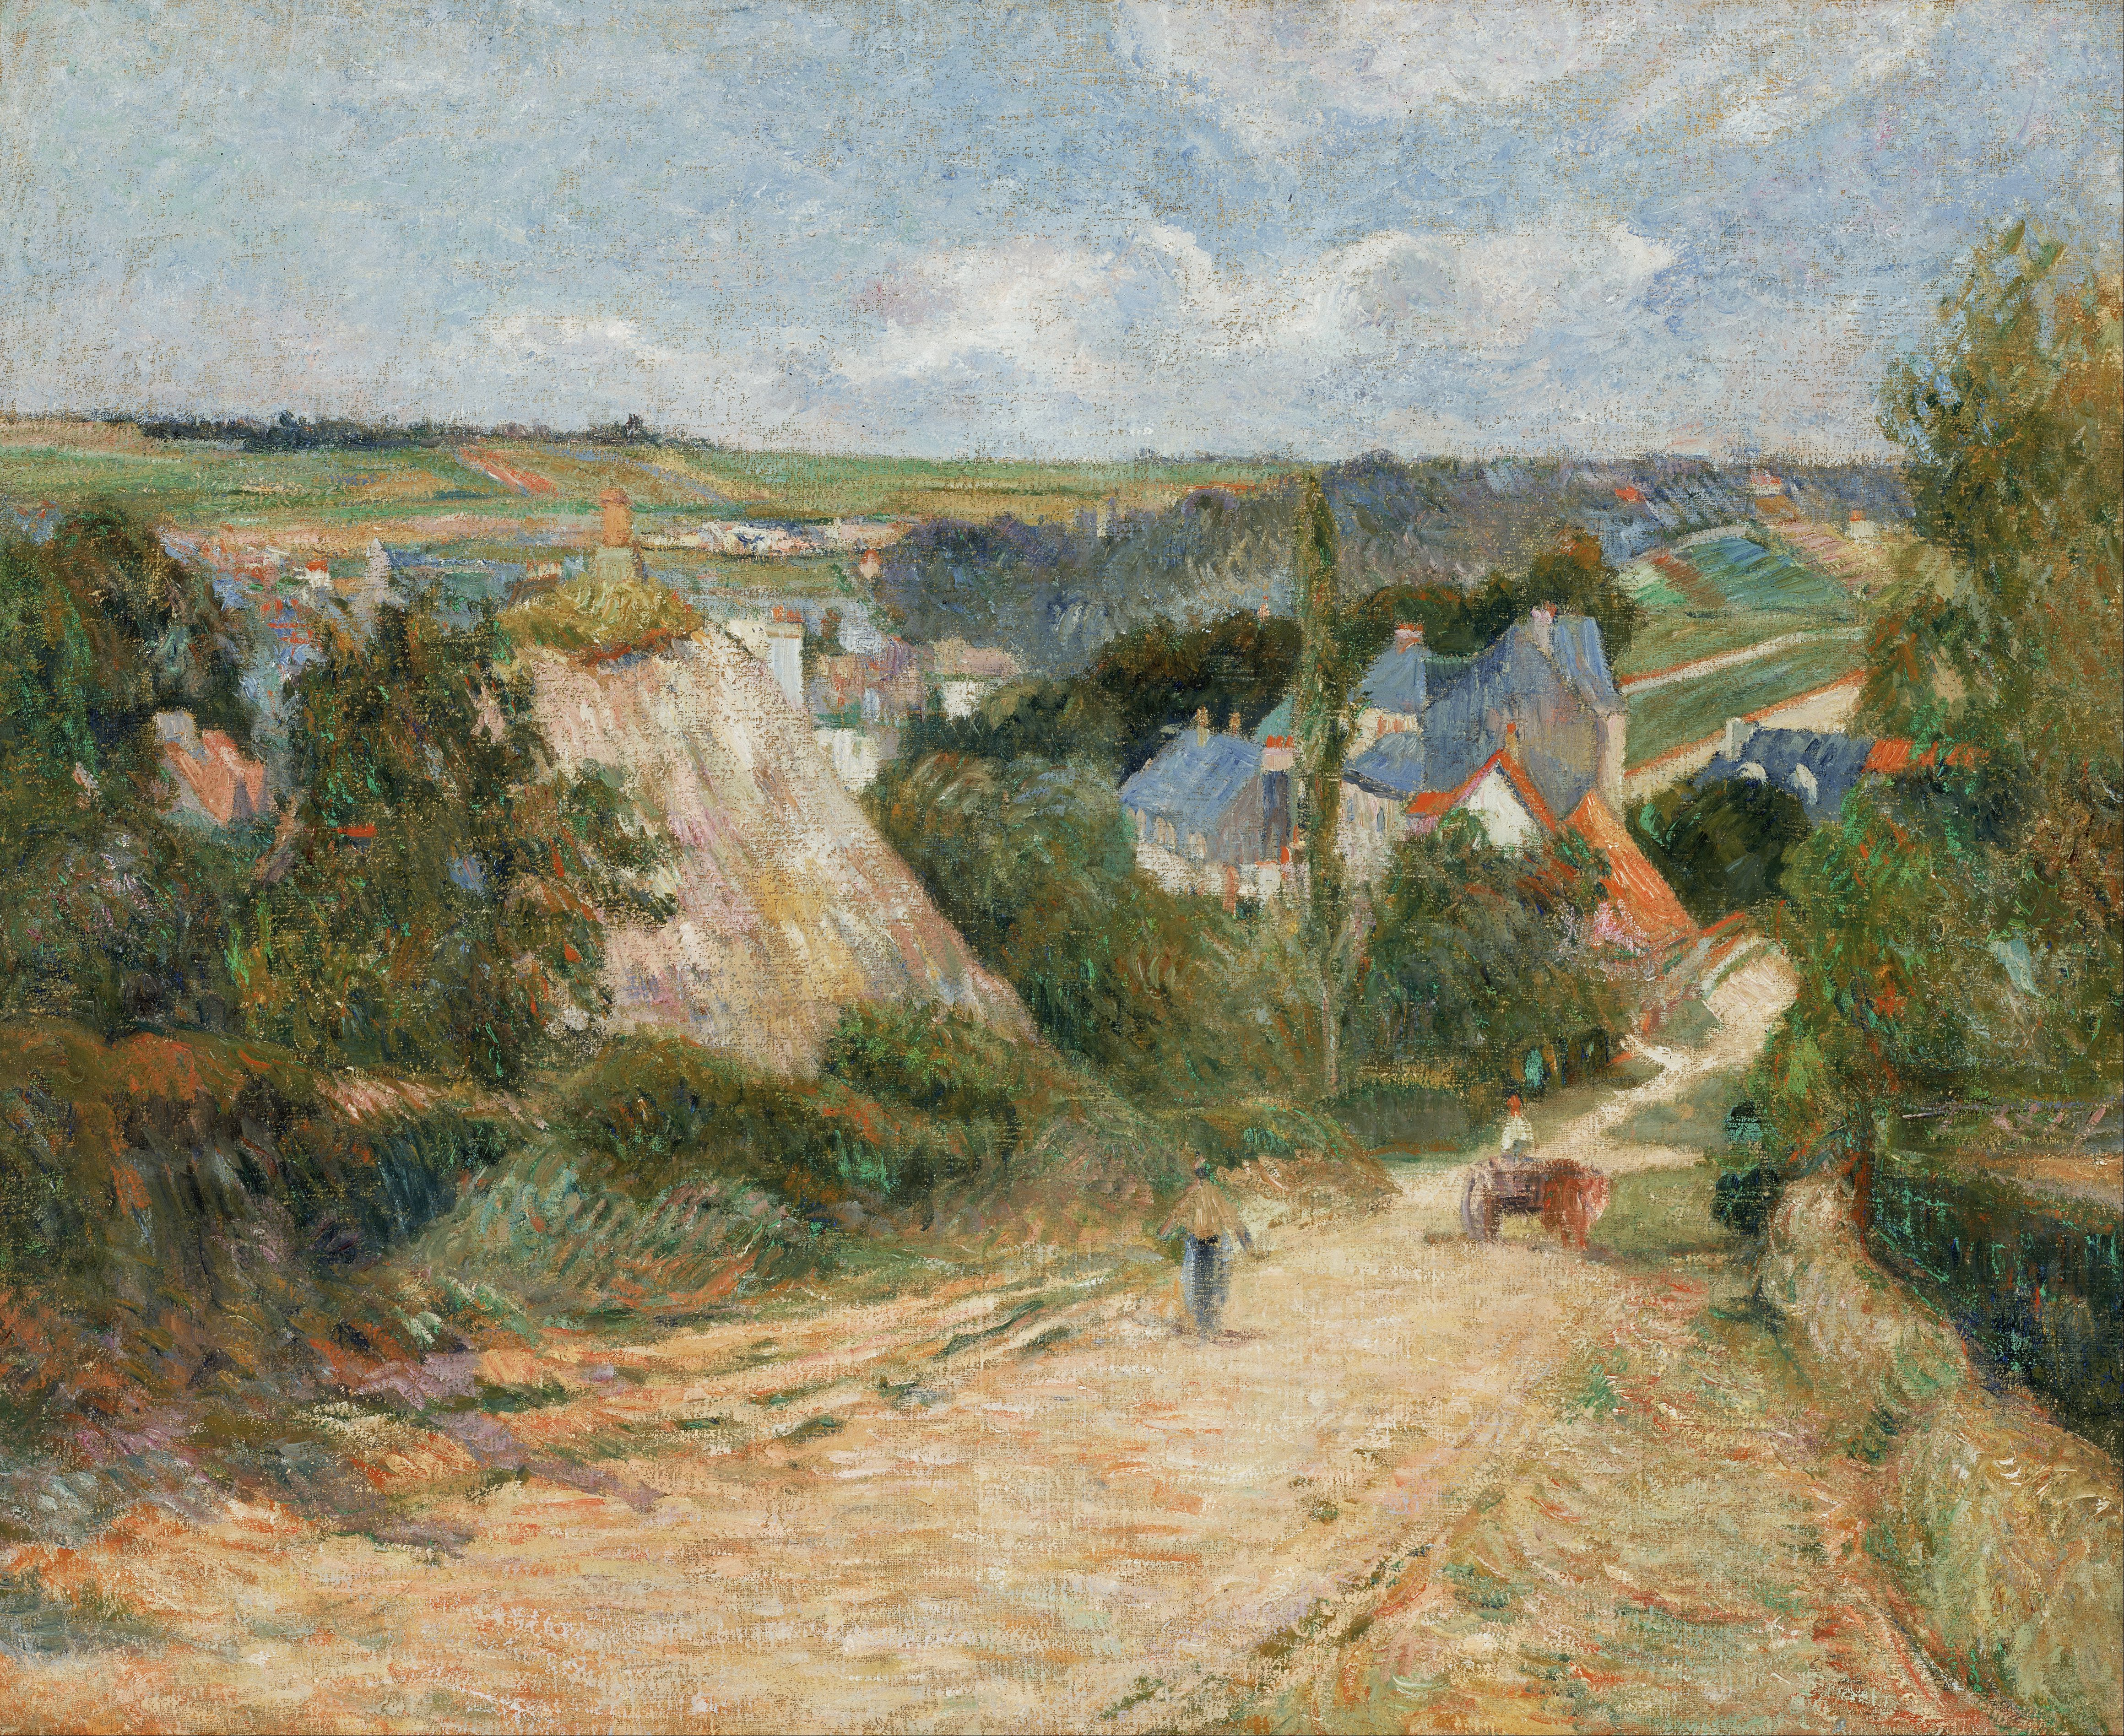 пейзаж < Въезд в деревню >  :: Поль Гоген [ живопись постимпрессионизм ] - Paul Gauguin фото